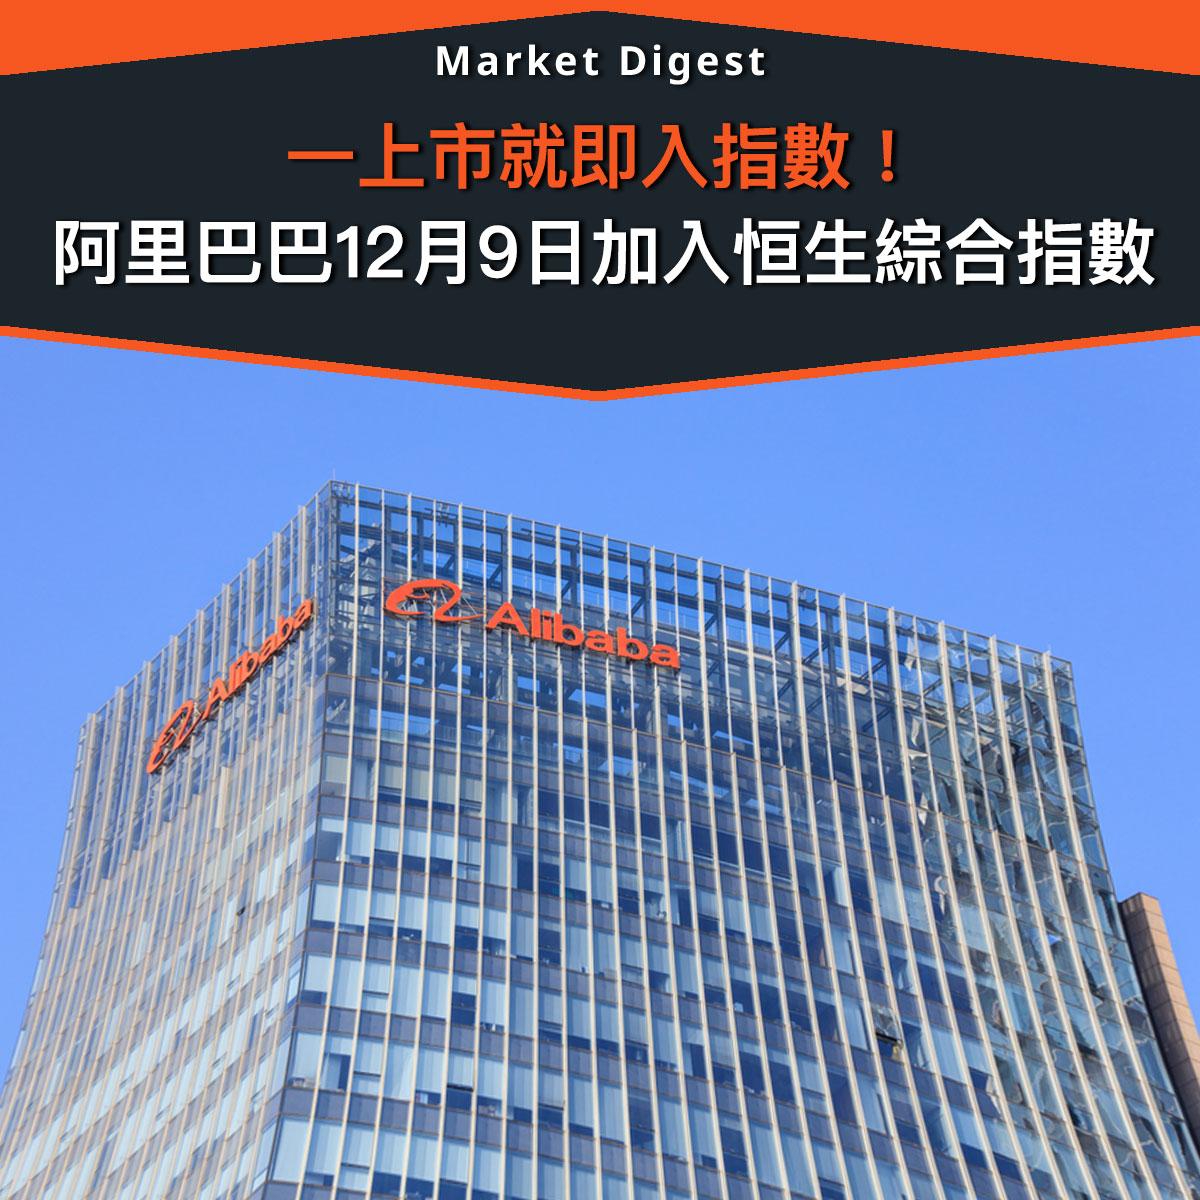 【市場熱話】一上市就即入指數! 阿里巴巴12月9日加入恒生綜合指數